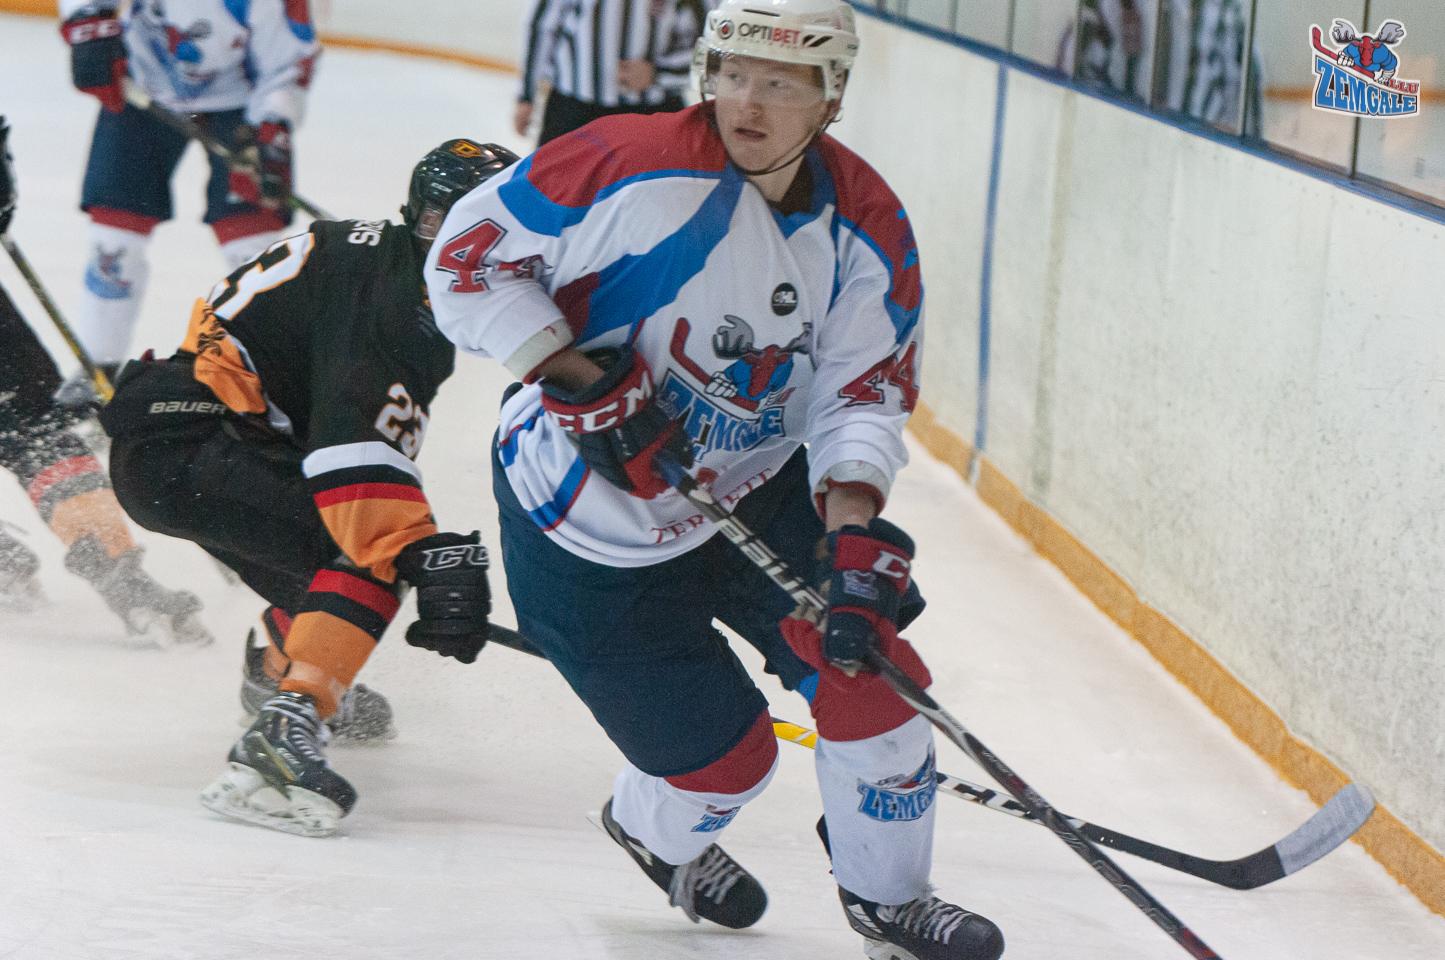 Hokeja uzbrucējs Sprukts ar virāžas palīdzību izvairās no pretinieka